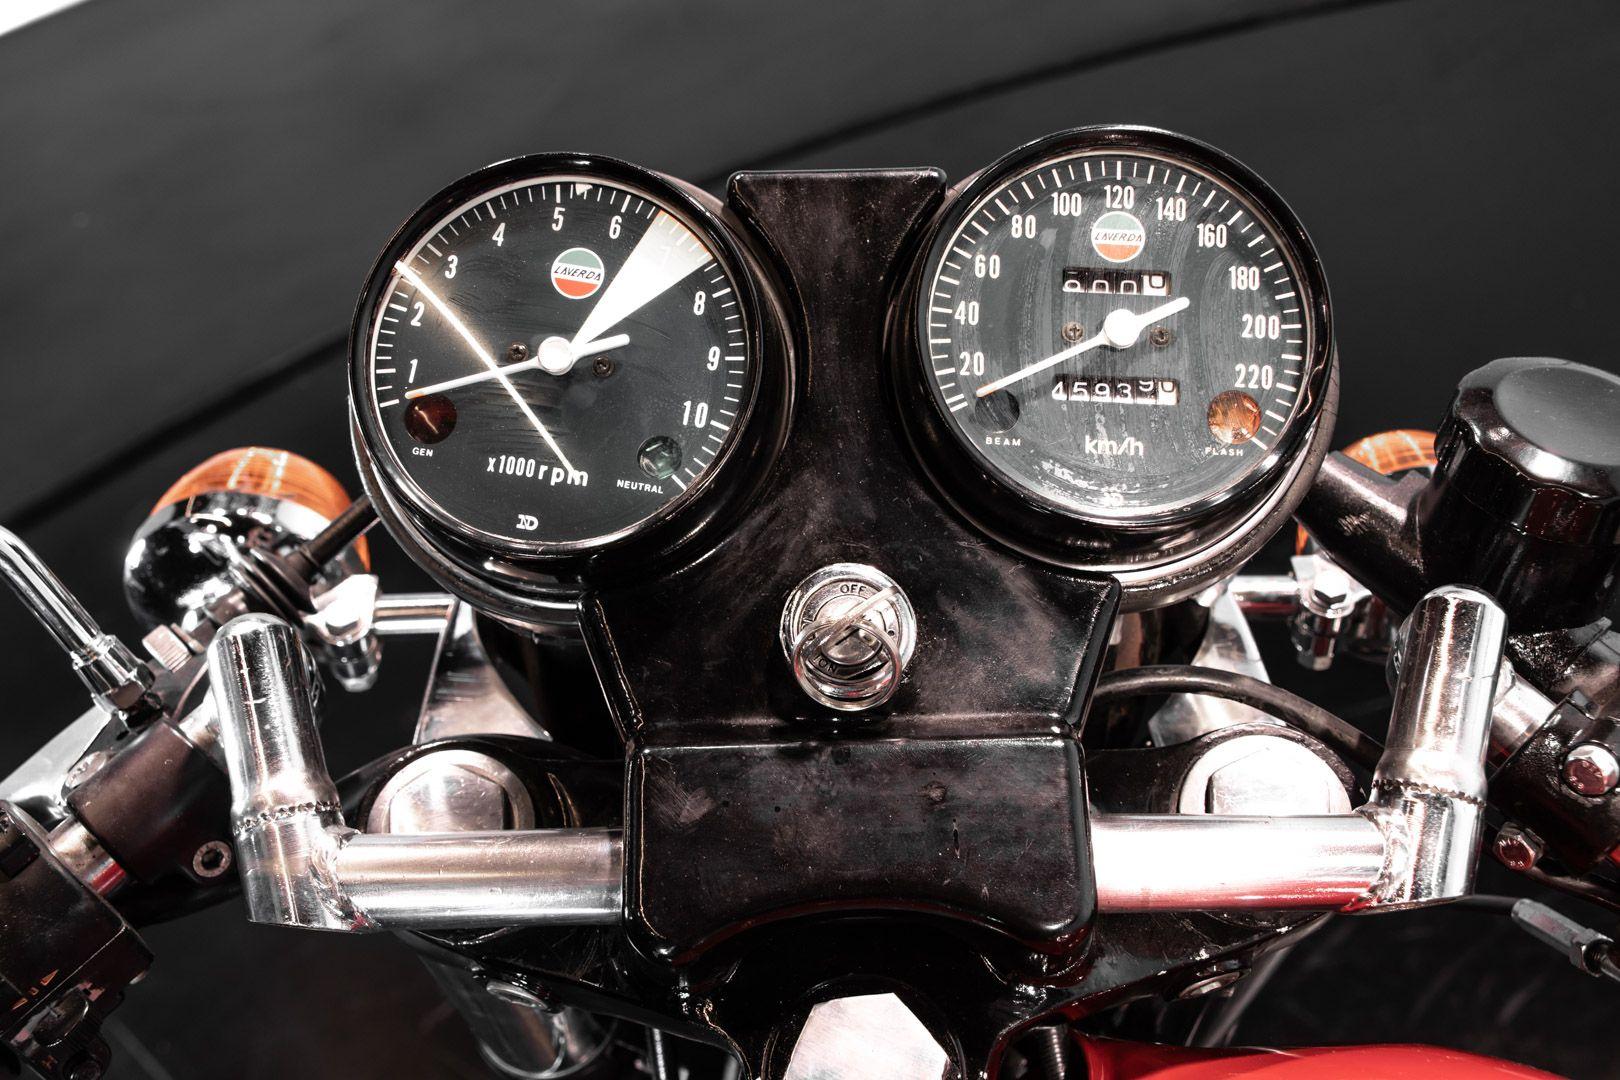 1975 Laverda 1000 83421